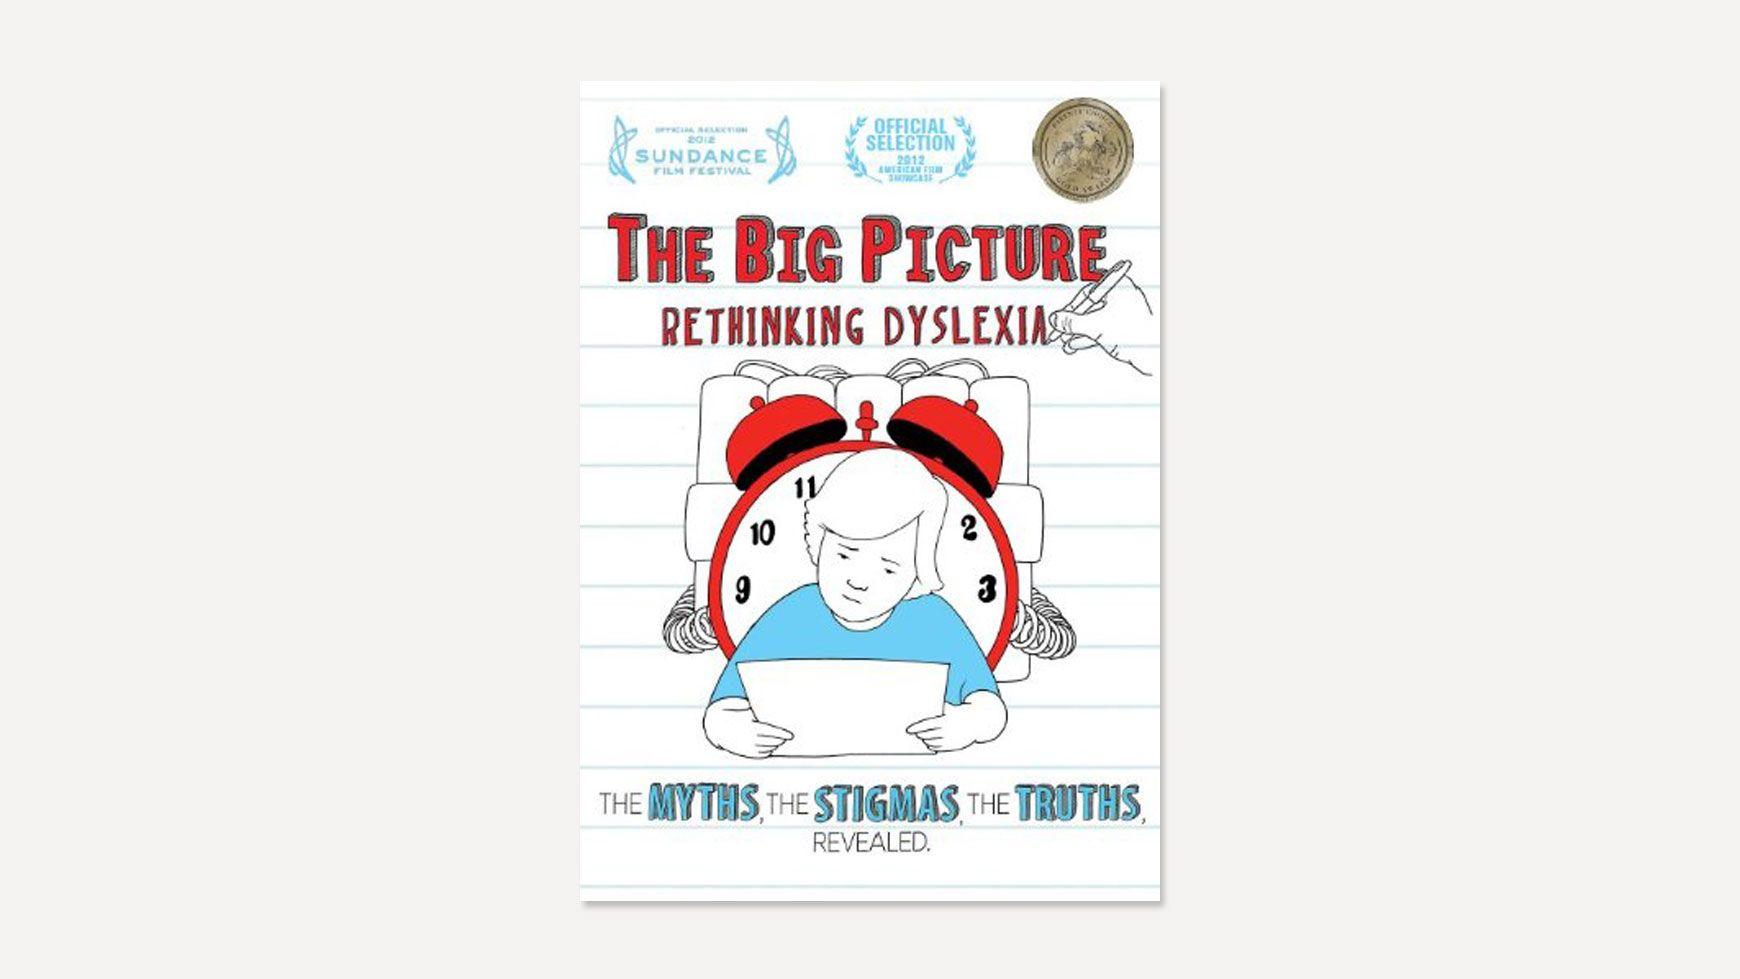 8 películas que hablan acerca de la dislexia